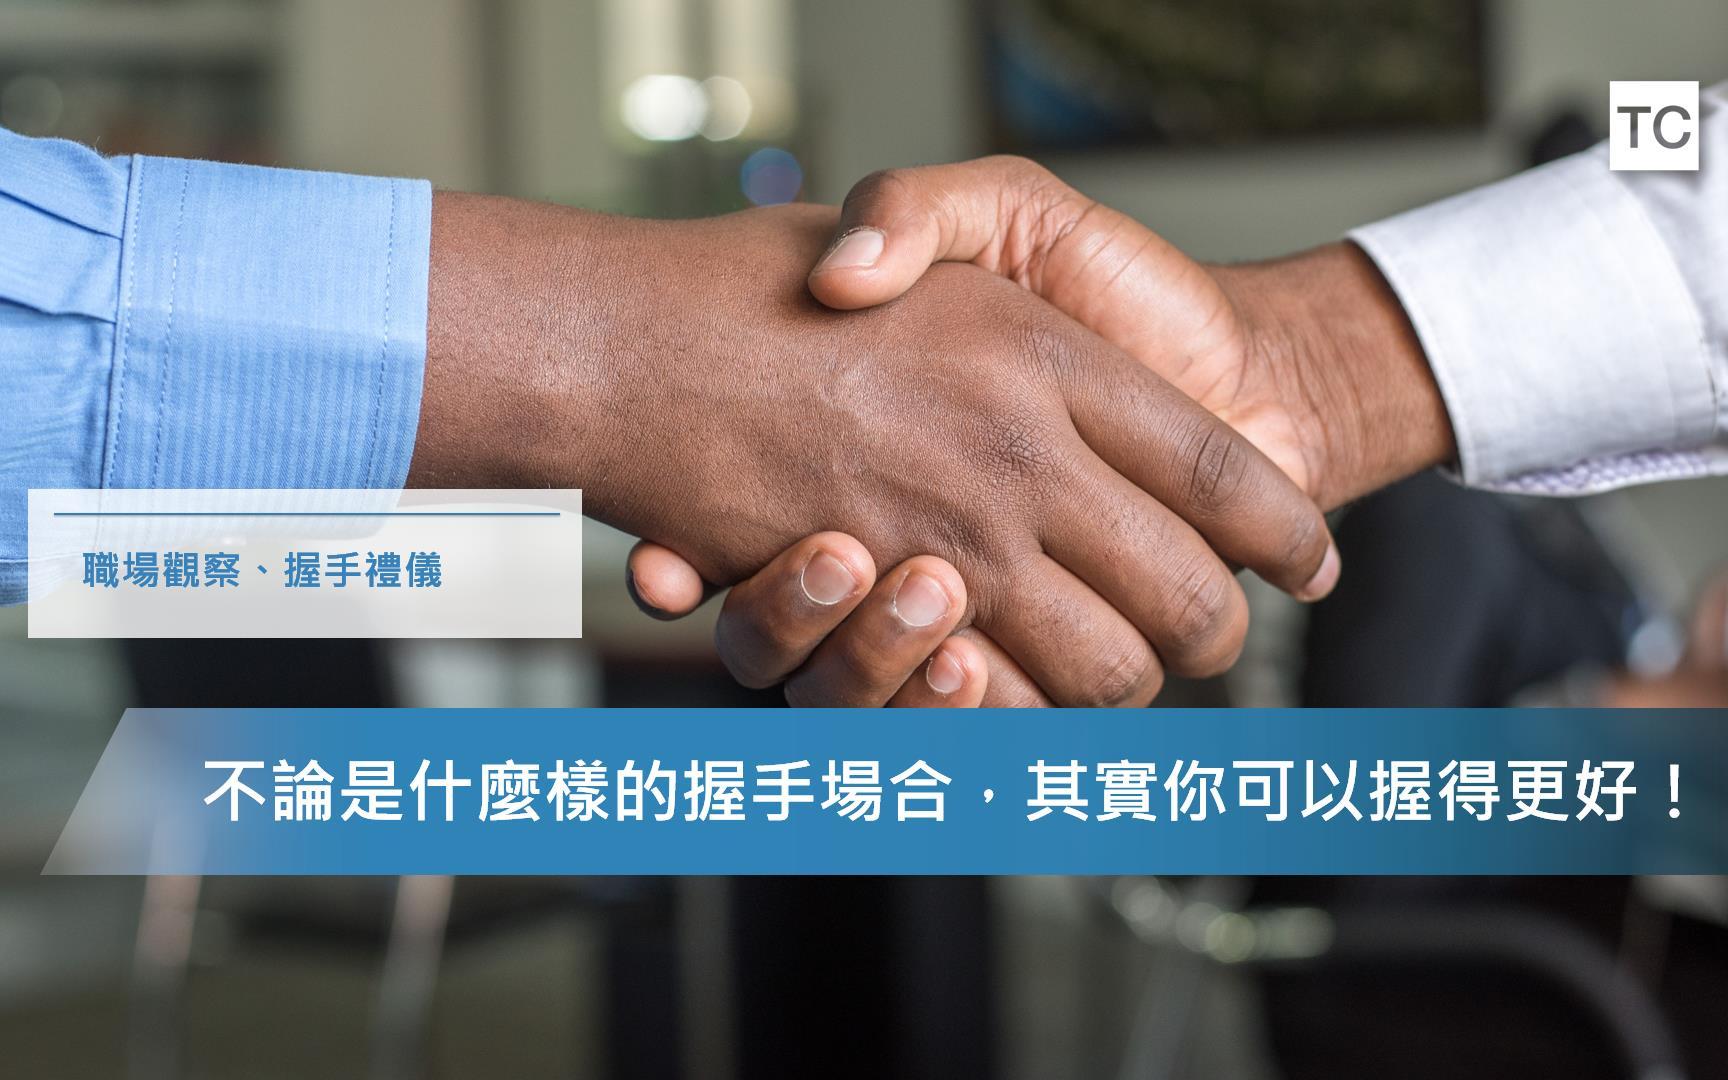 在職場上,握手也是一門學問!握手的關鍵因素你掌握了嗎?